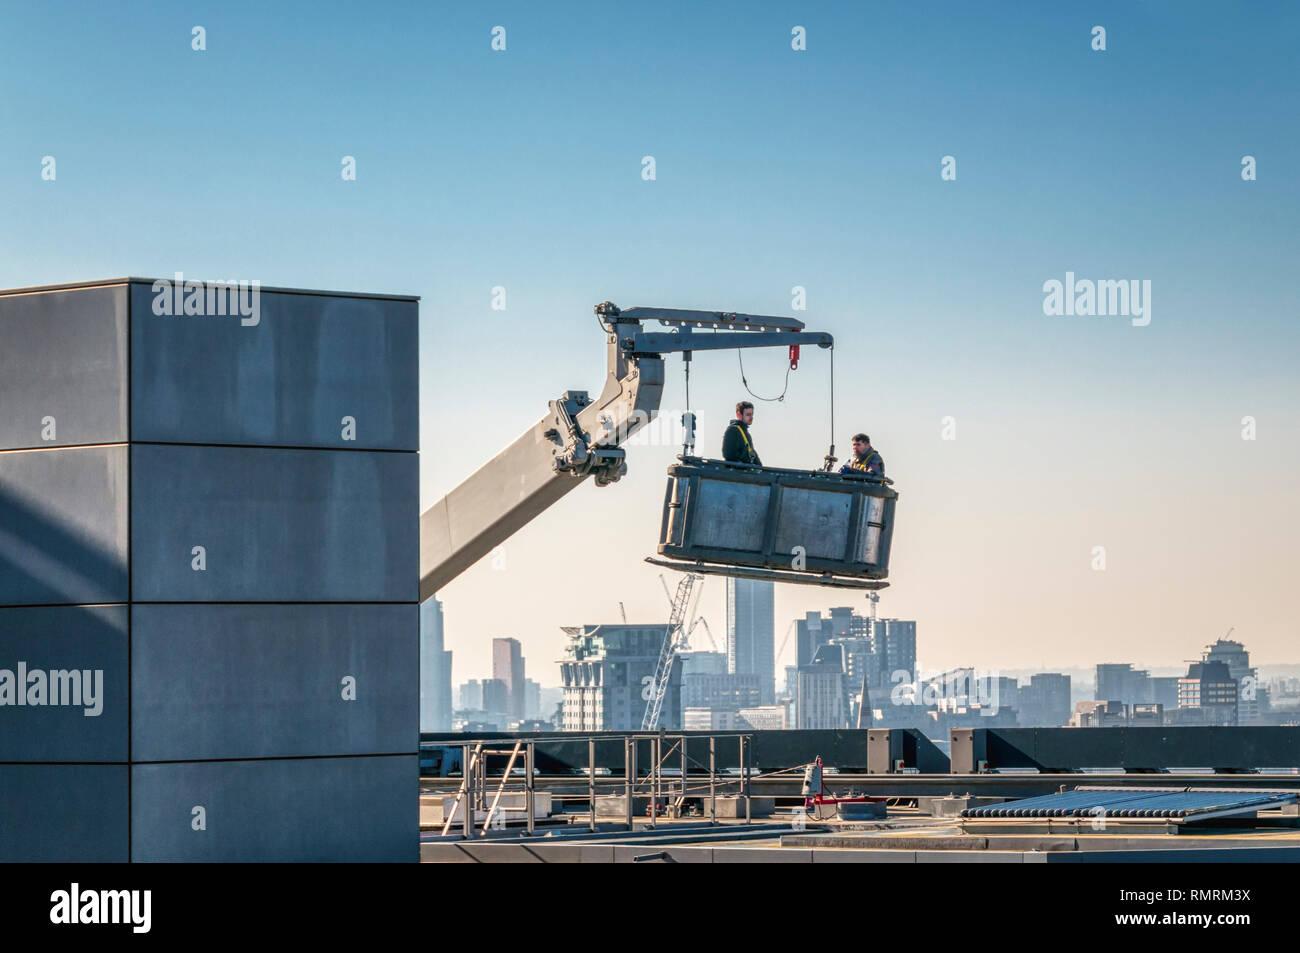 Dos trabajadores se preparan para descender desde la parte superior de un edificio alto trabajando desde un soporte de acceso. El horizonte de la ciudad de fondo. Imagen De Stock